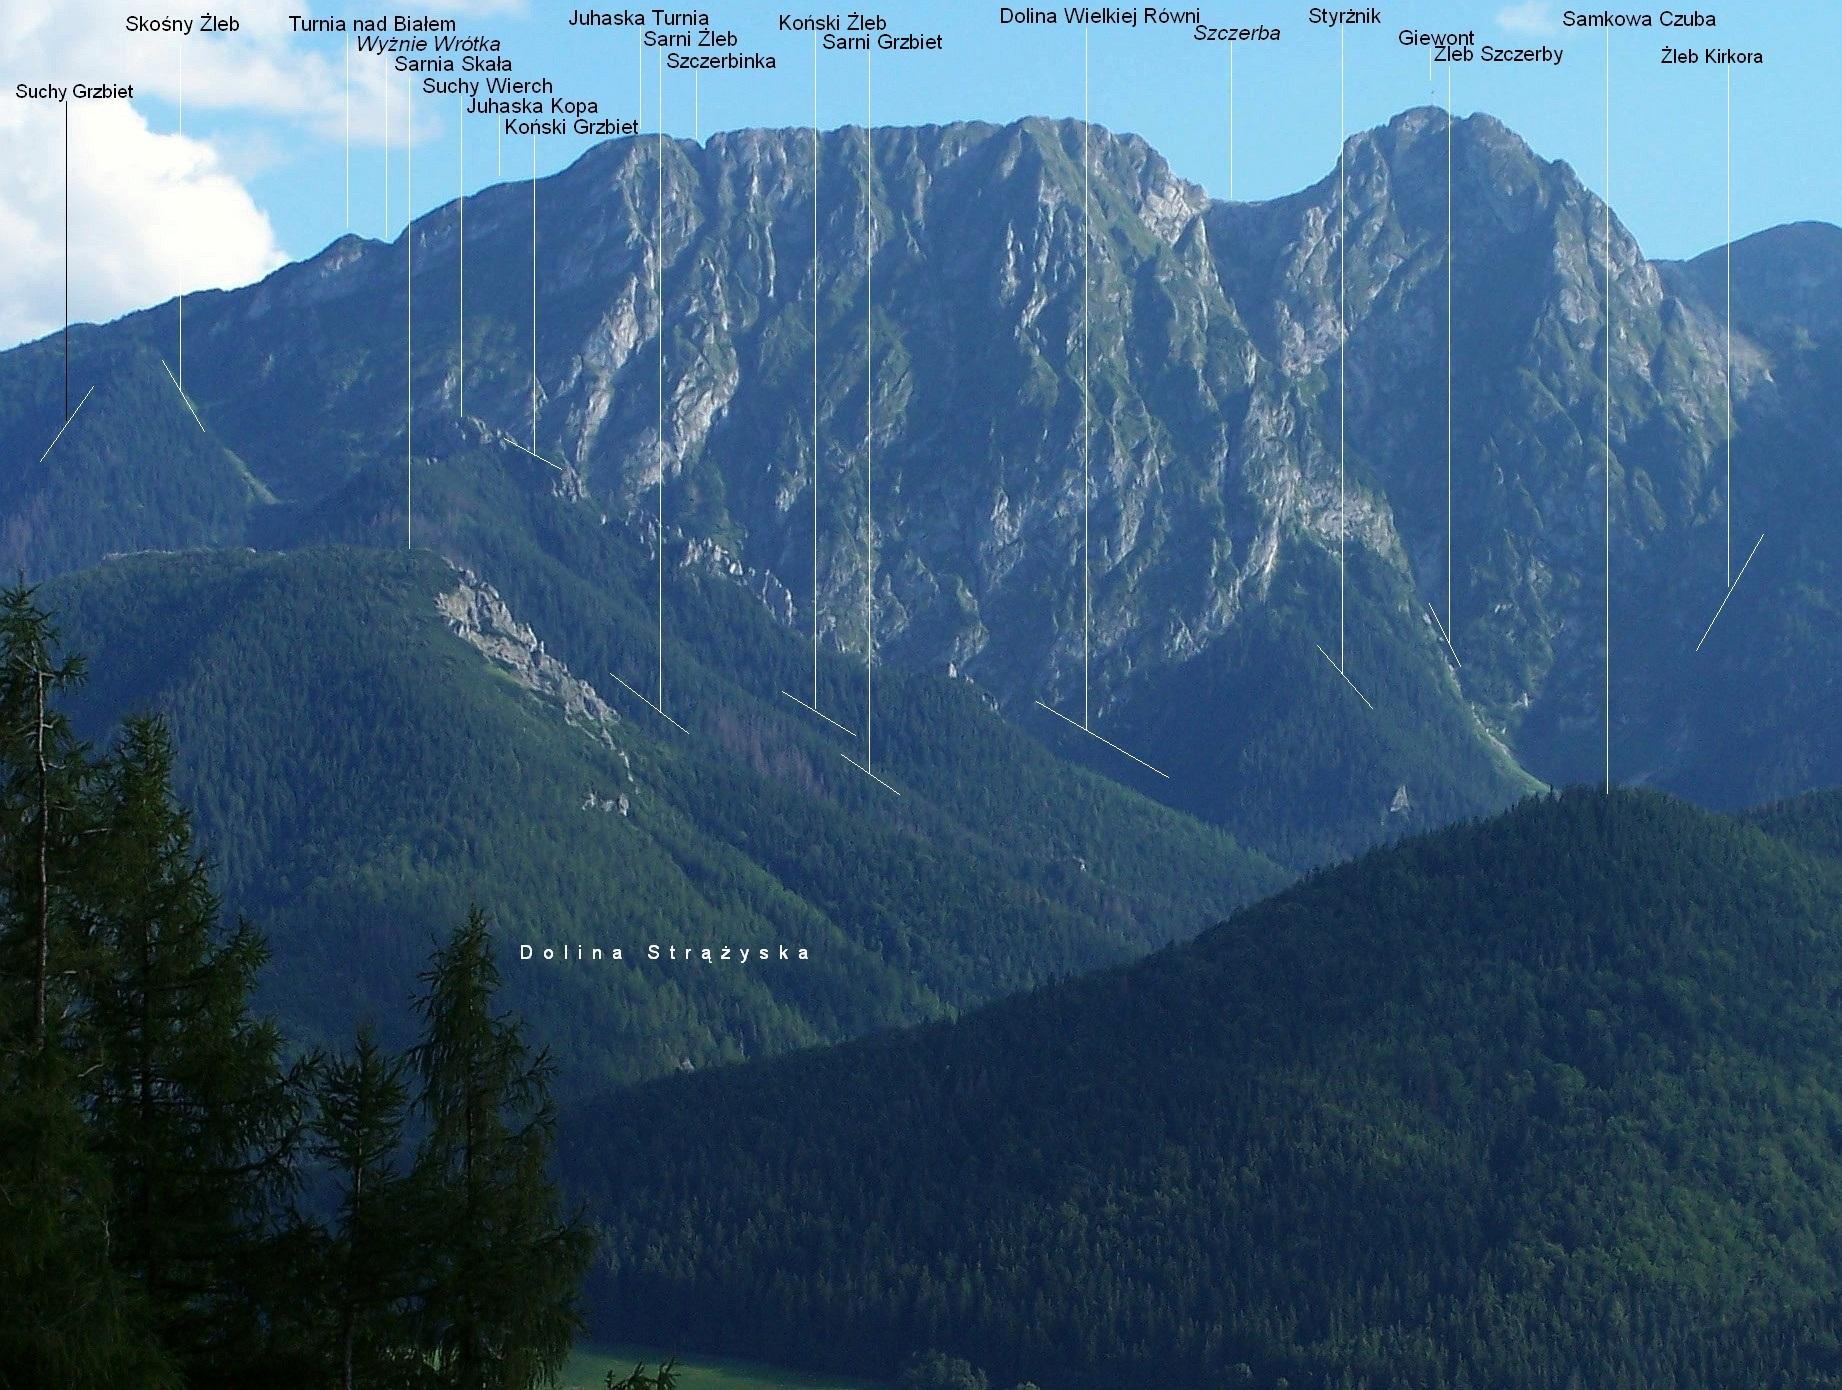 Giewont (fot. Jerzy Opioła, źródło: Wikimedia, GNU)